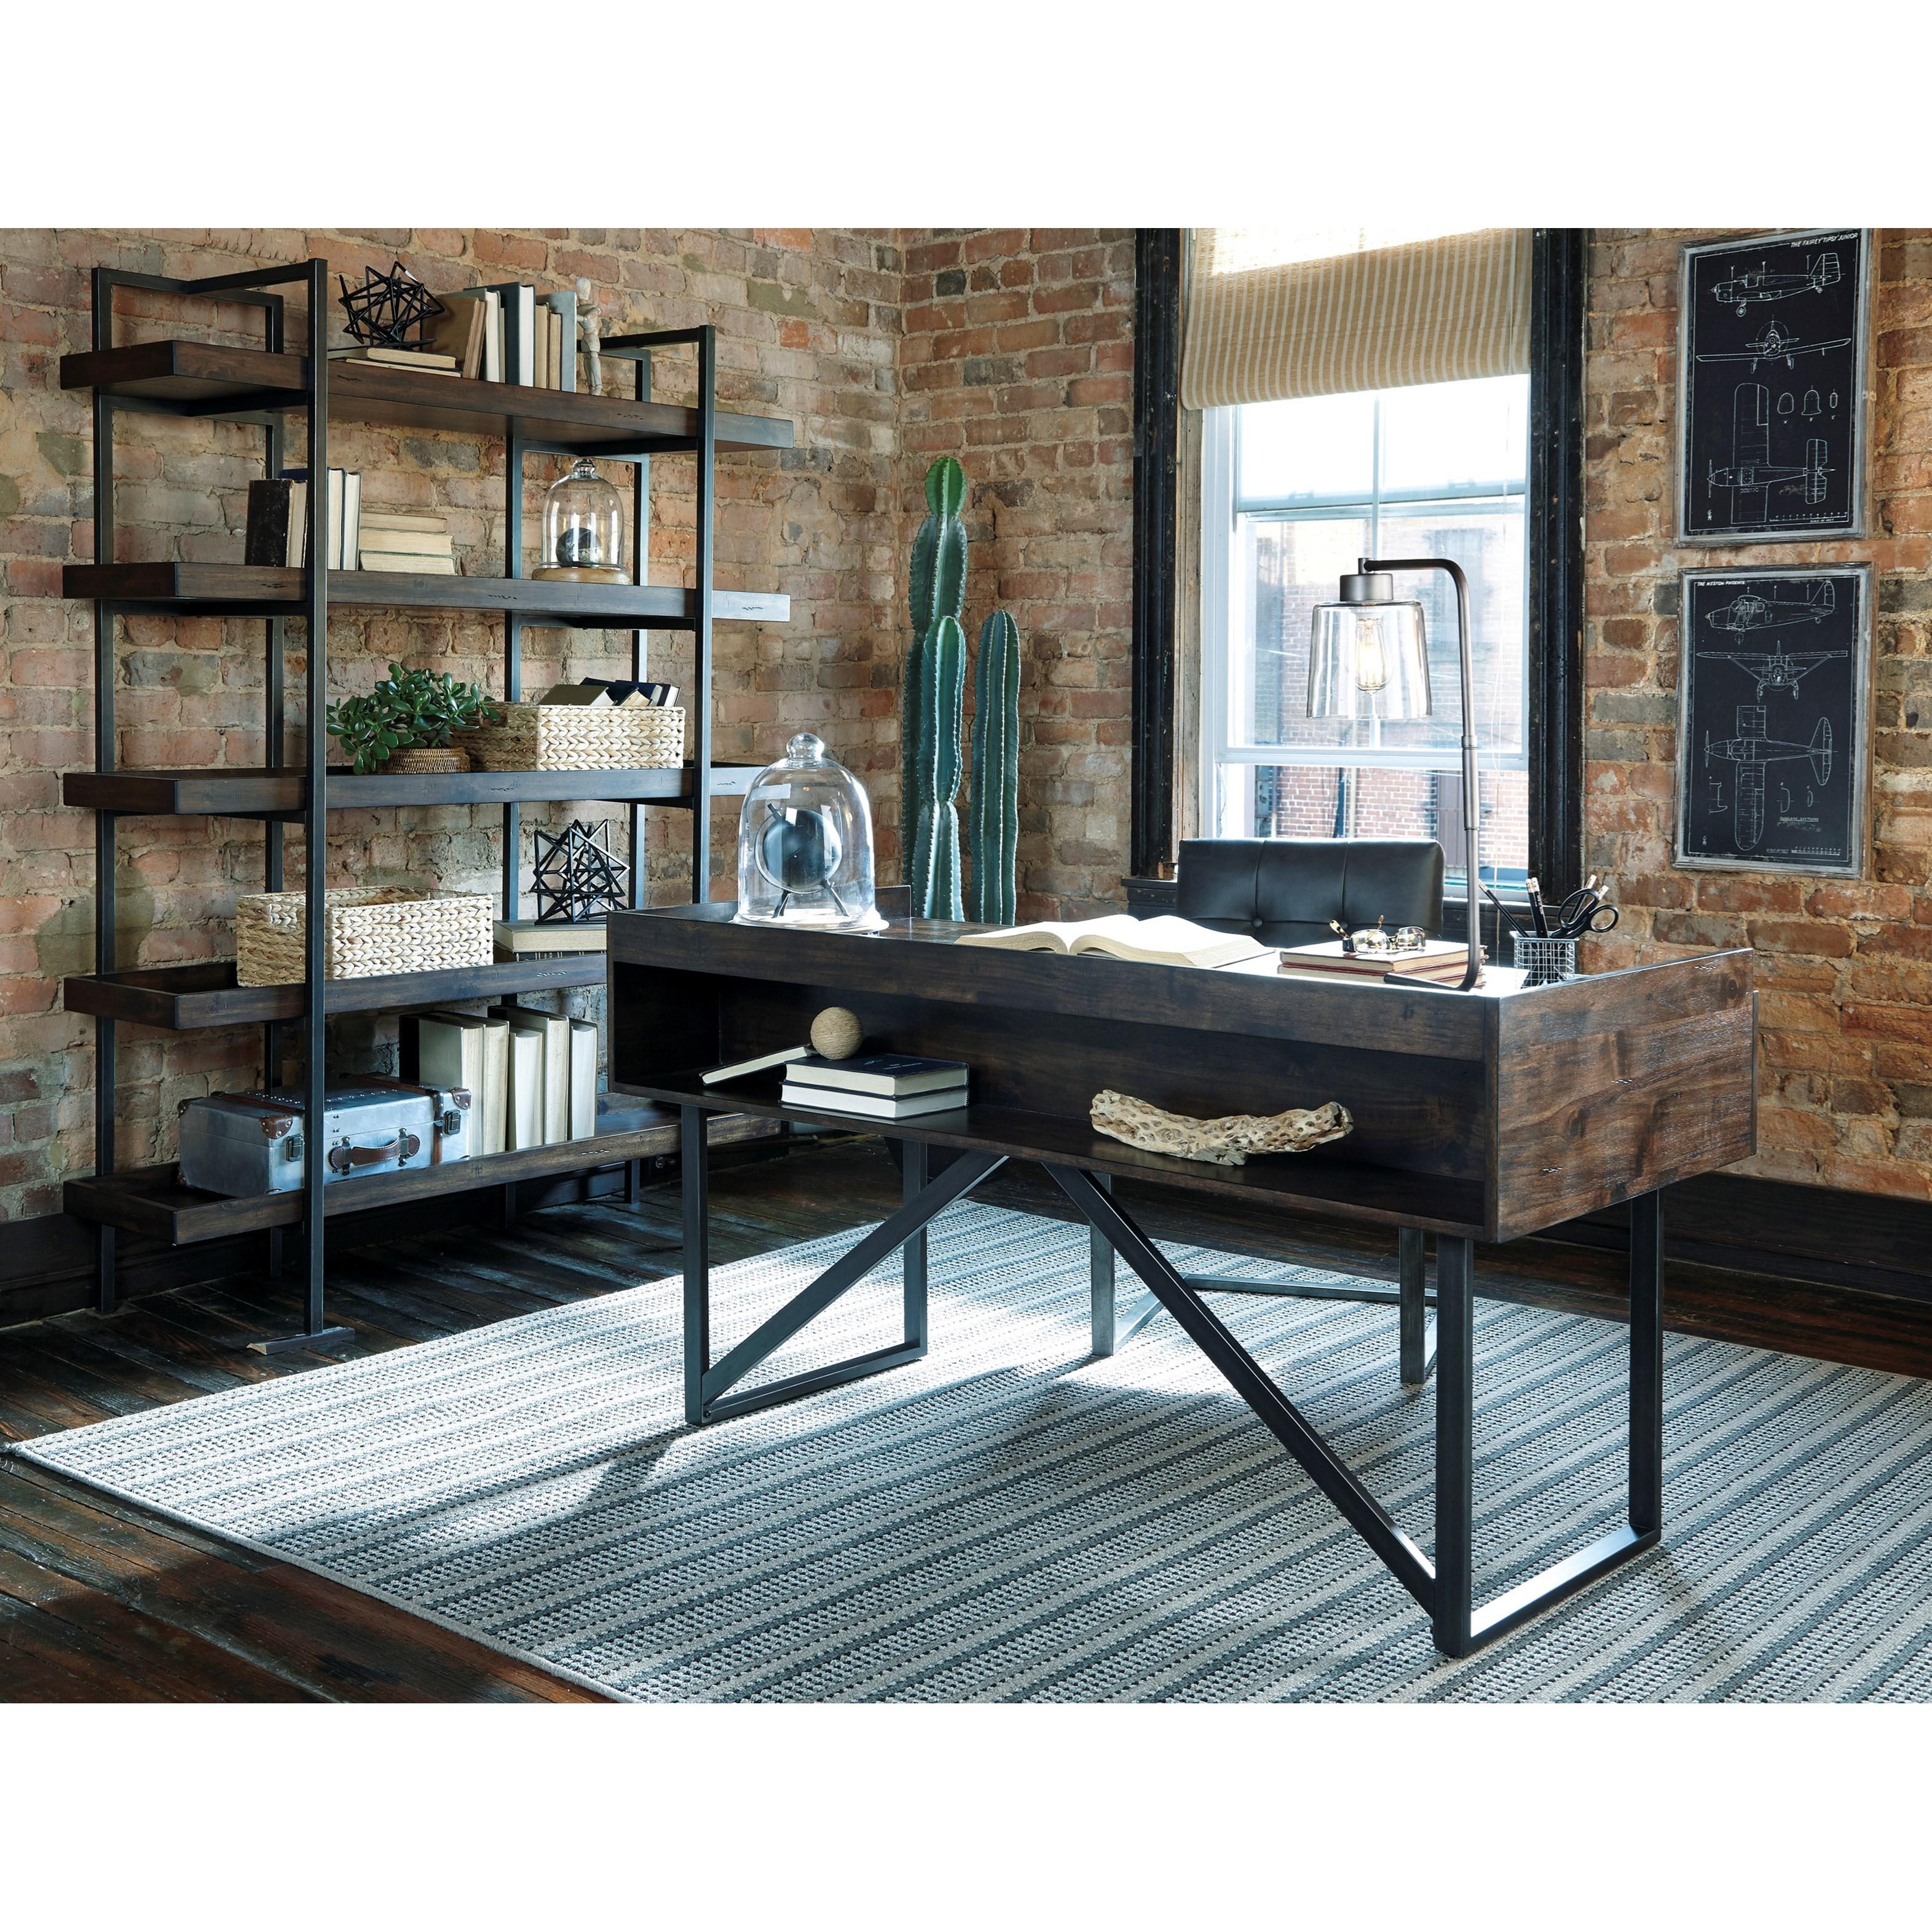 Ashley Signature Design Starmore H633 70 Modern Rustic